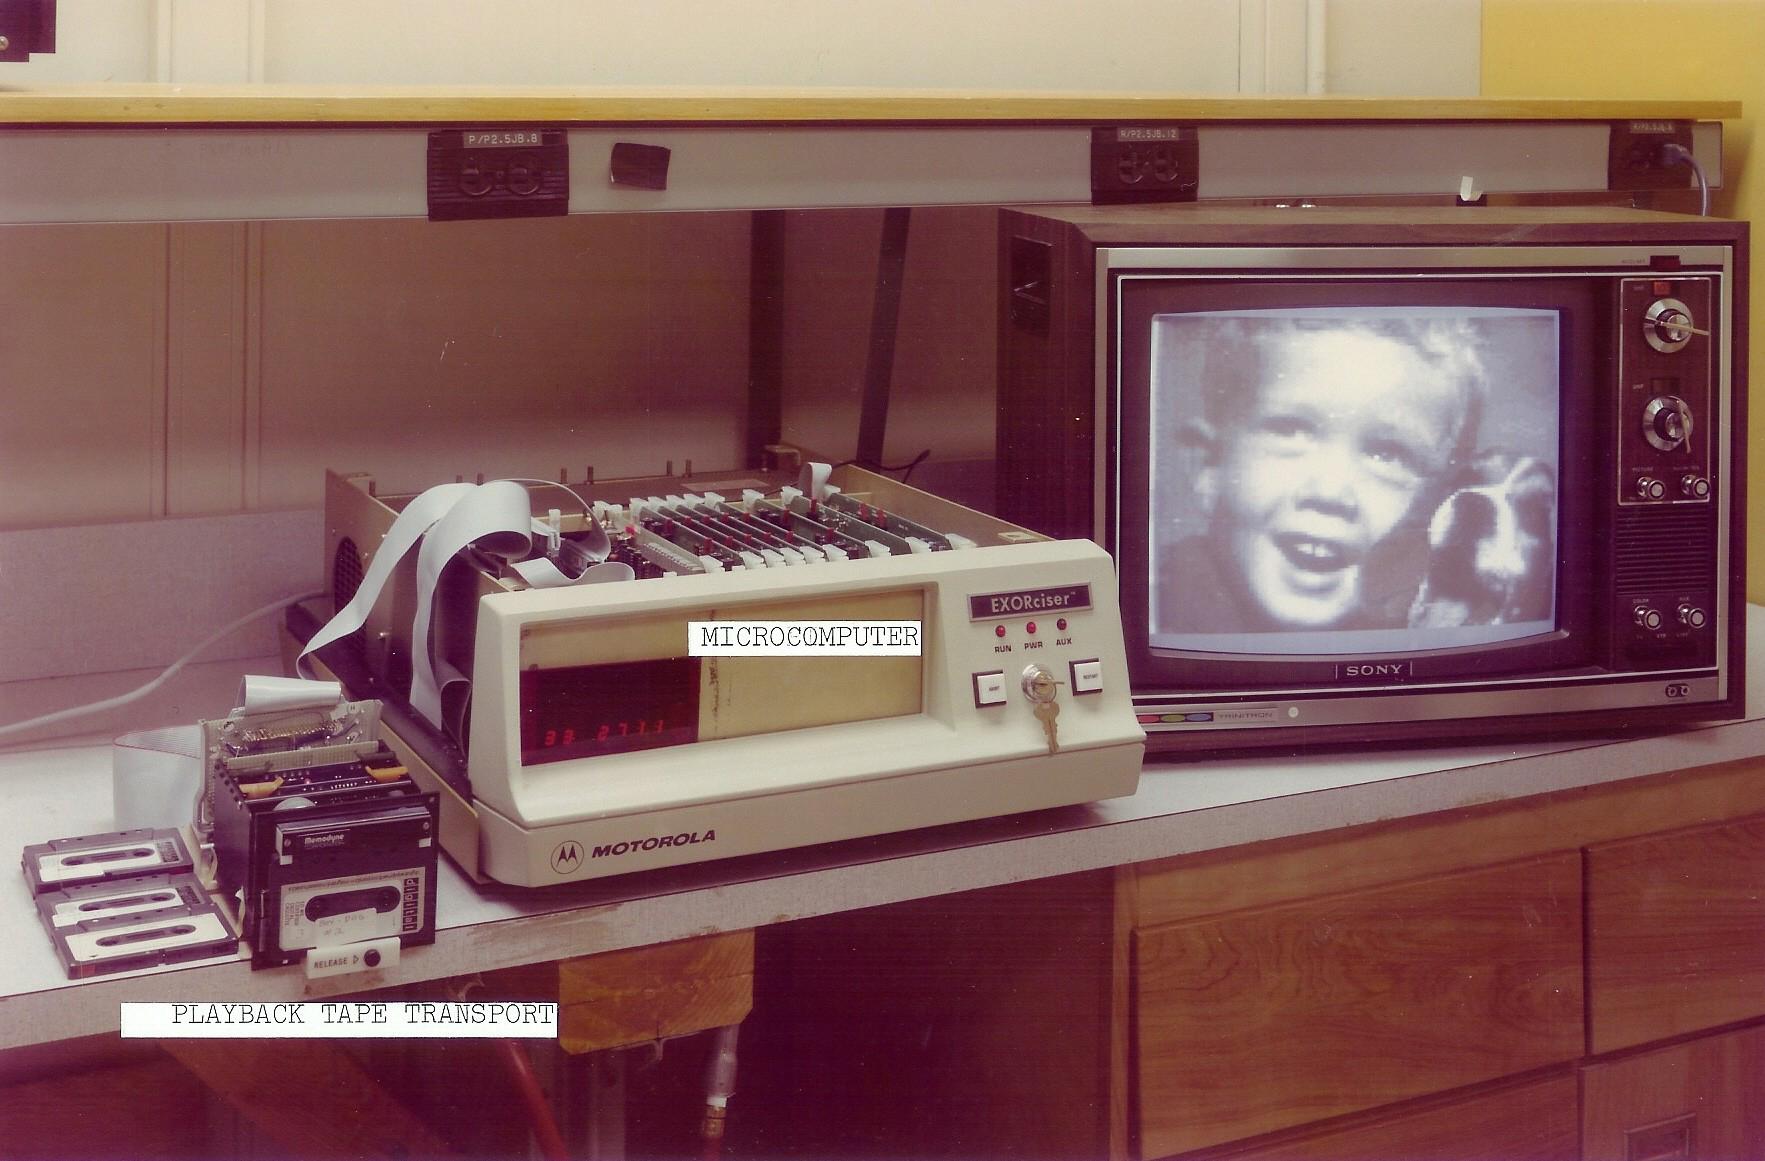 premier lecteur photo numerique kodak Le premier appareil photo numérique